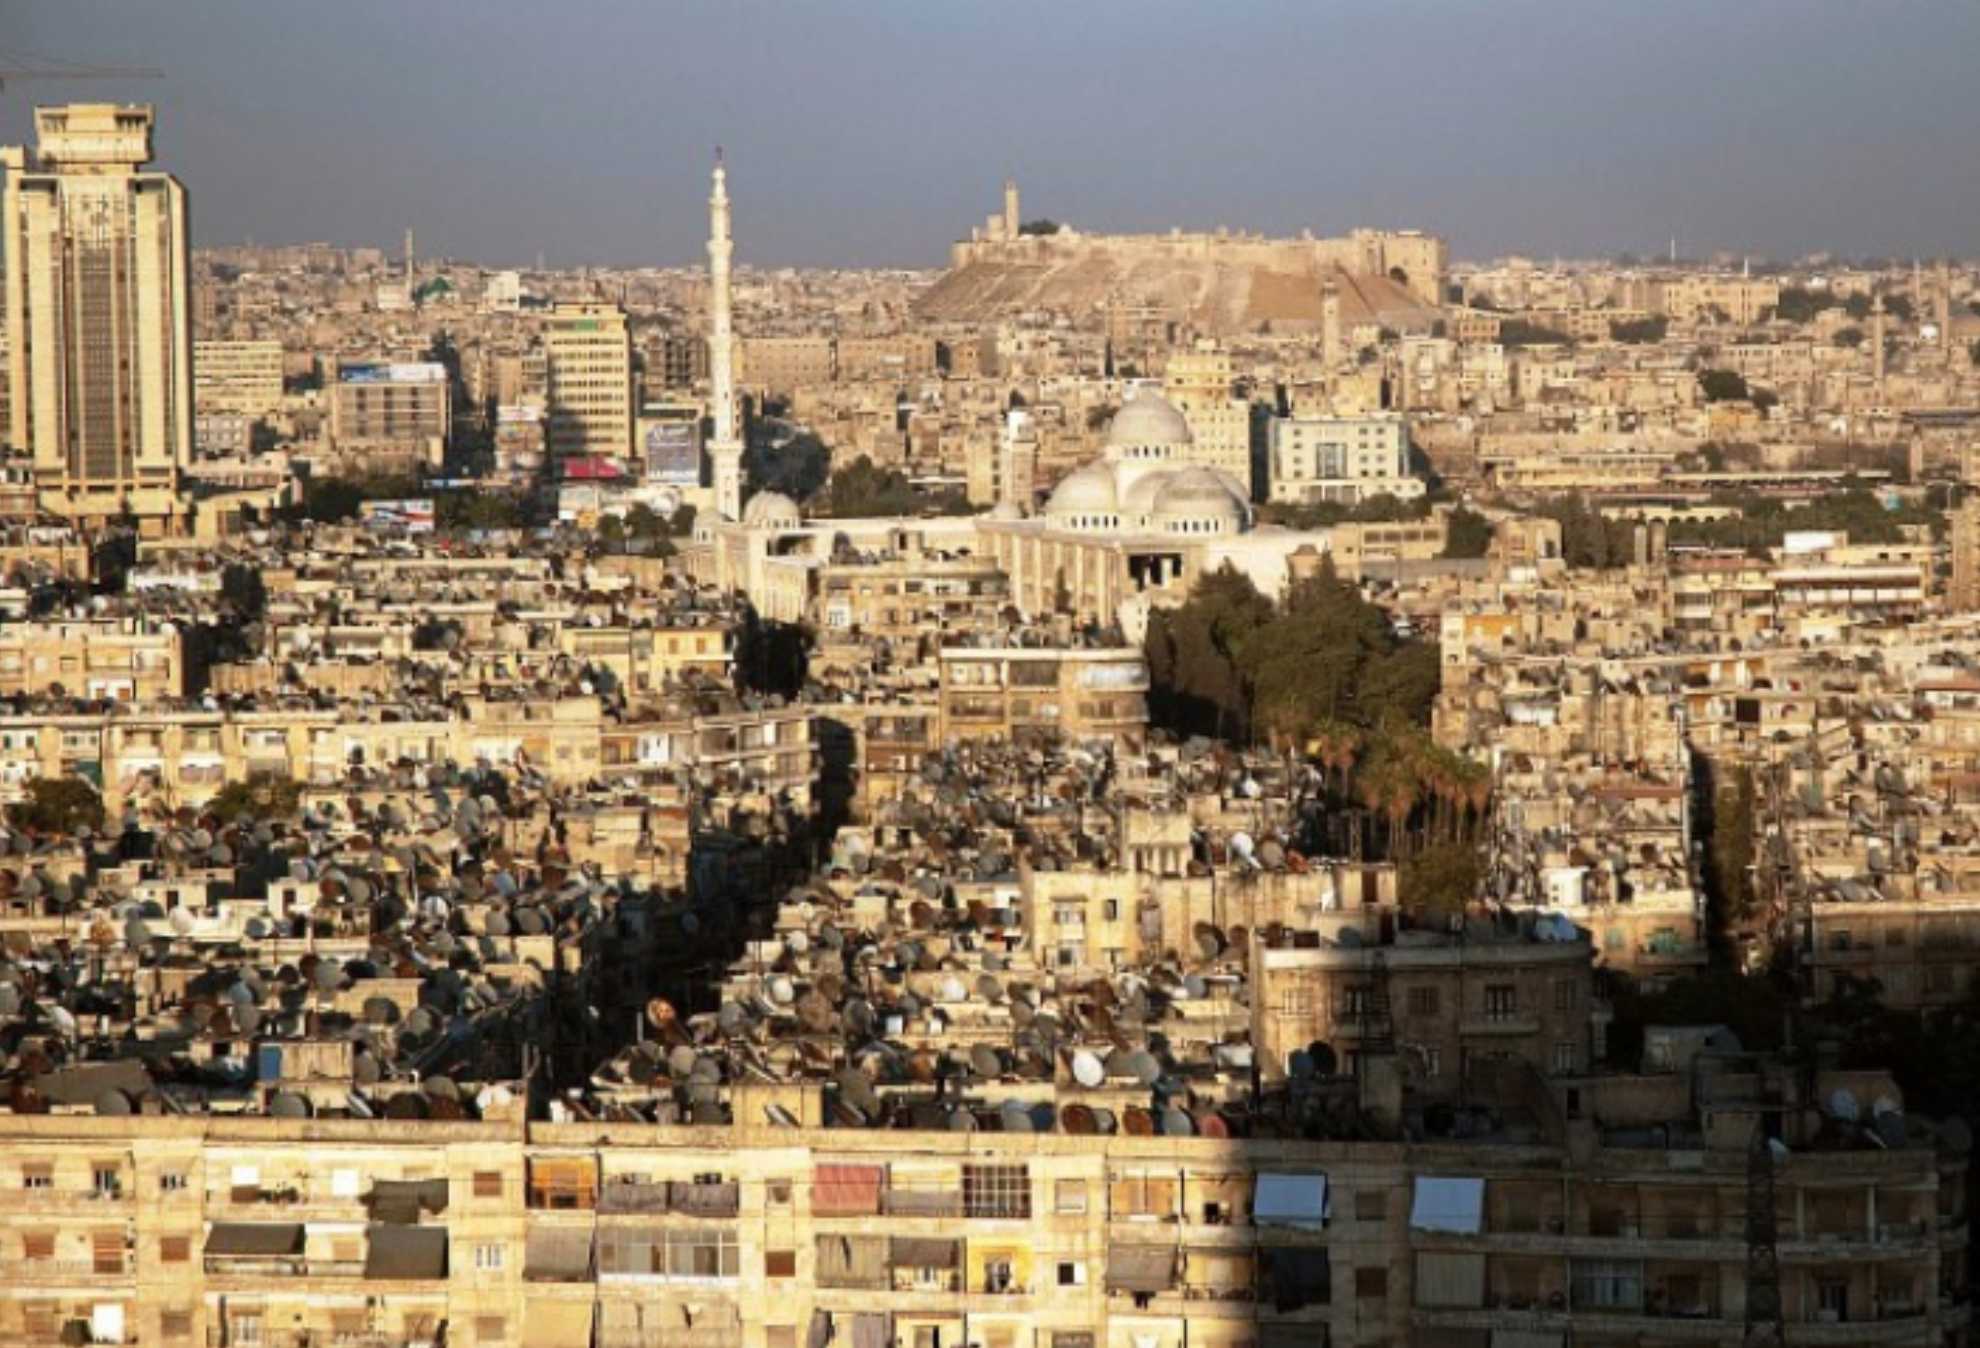 Aleppo in the 2000s